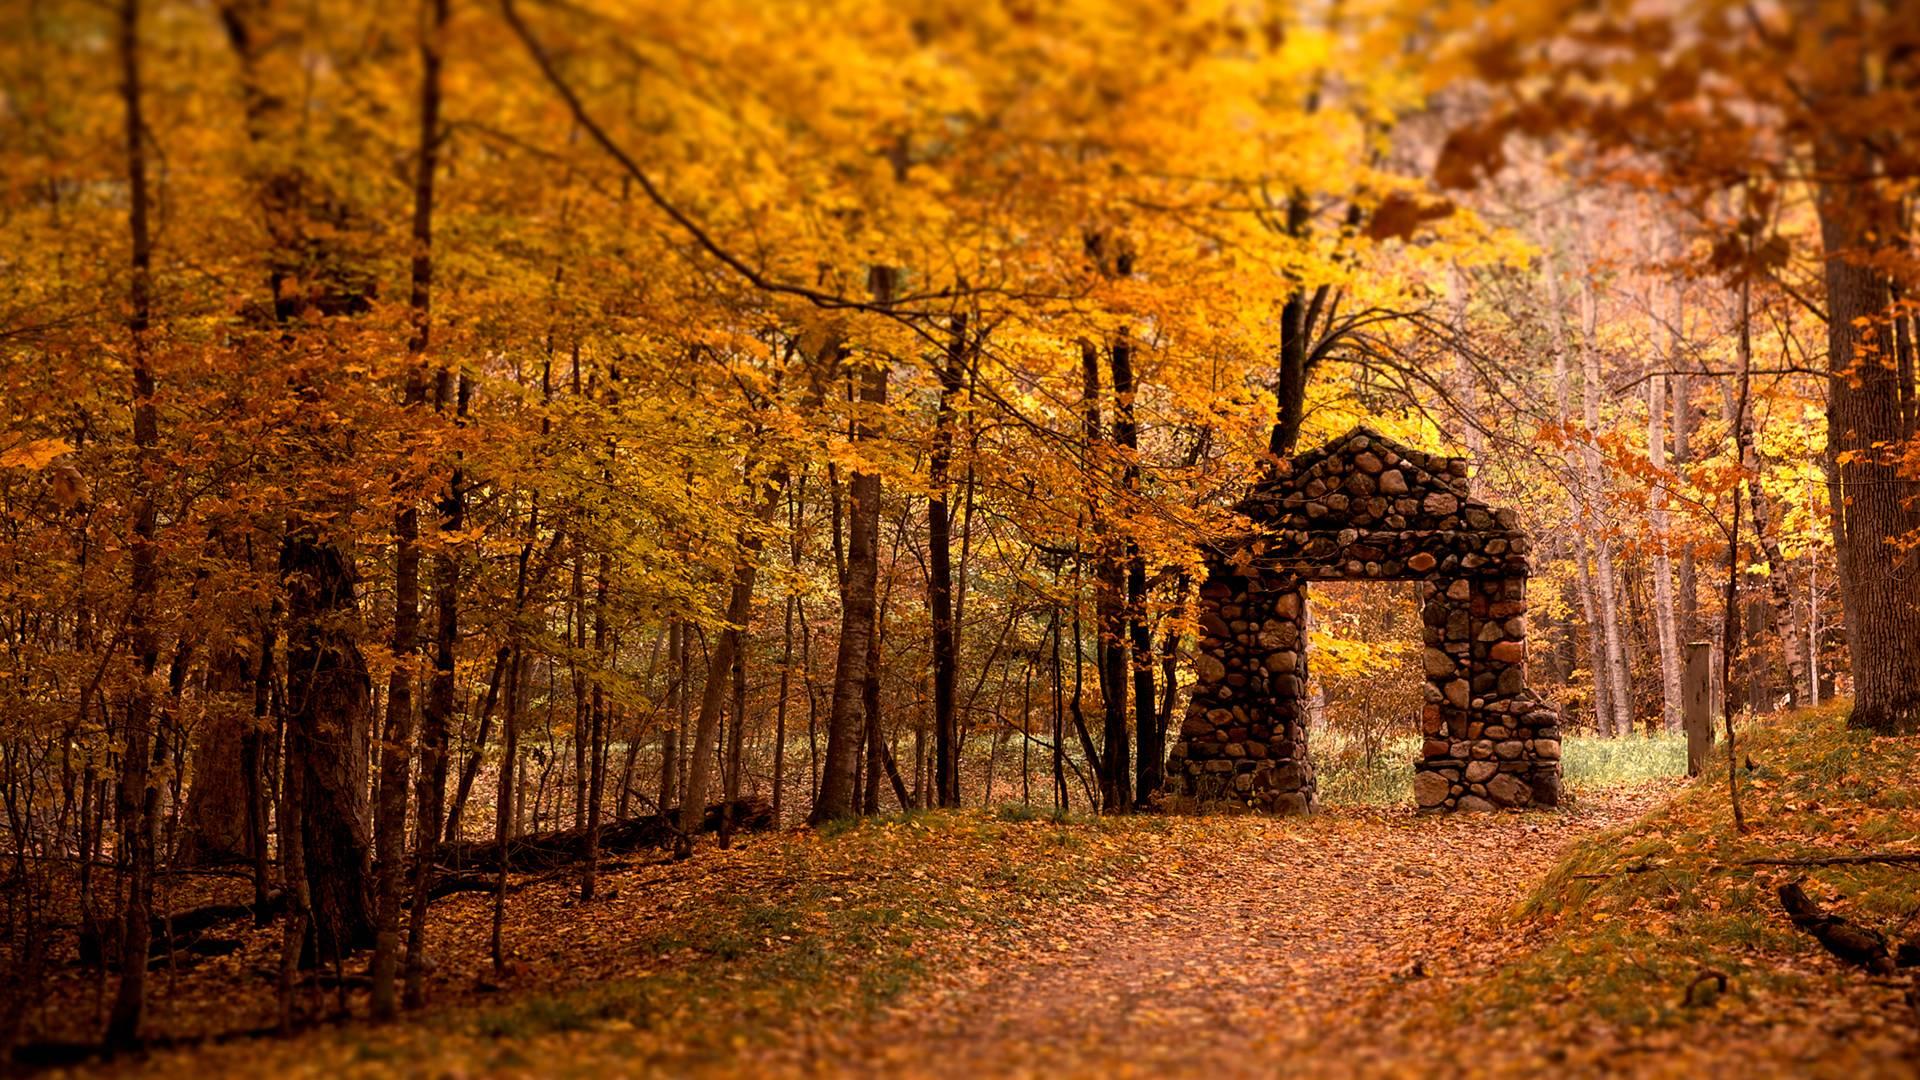 اروع صور من الطبيعة Best Nature Wallpapers EGBMe7F